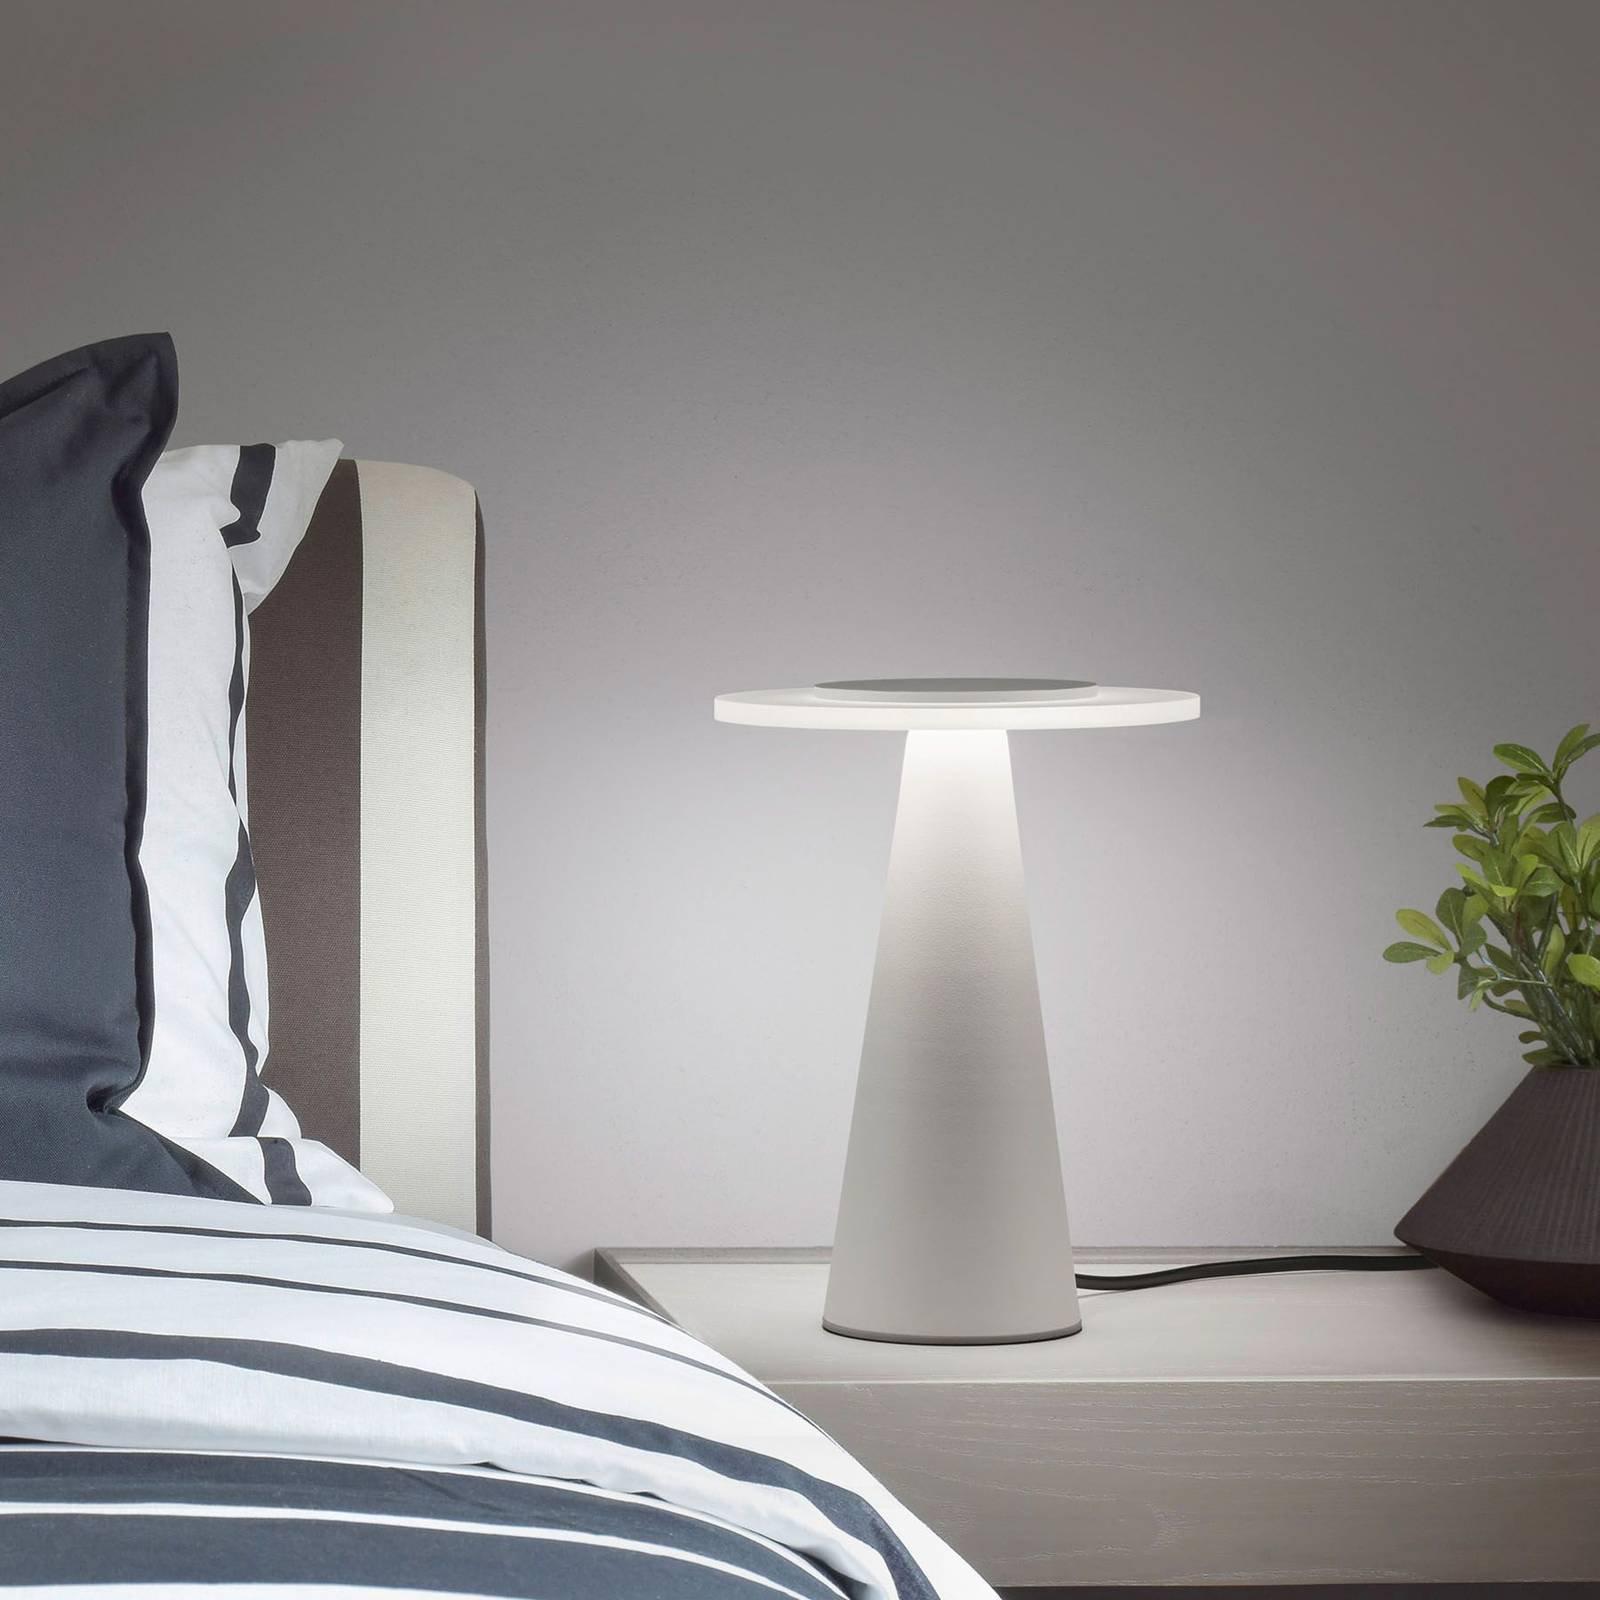 Helestra Bax bordlampe med touchdimmer, hvit